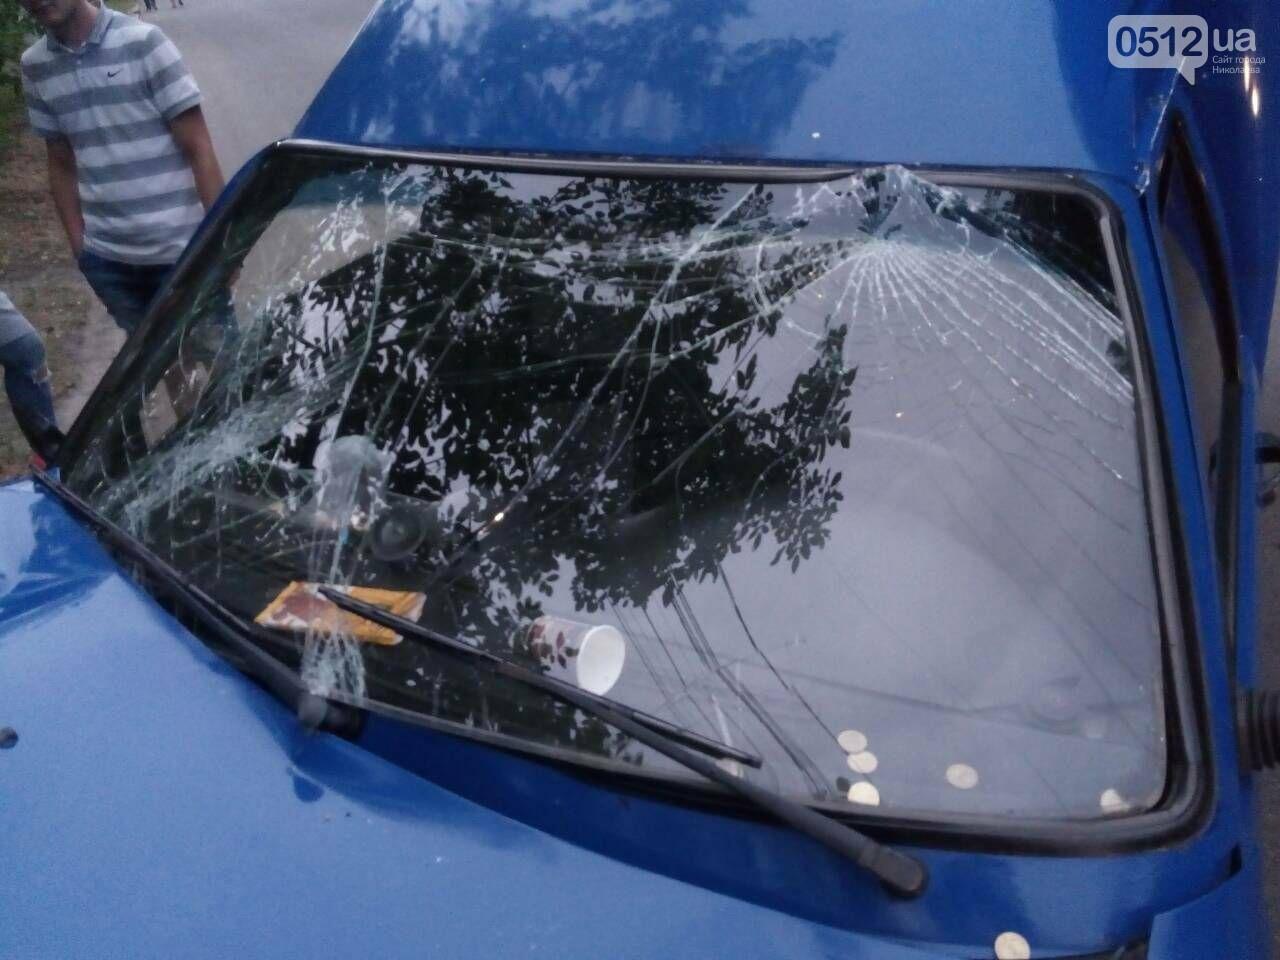 В Николаеве ИЖ врезался в дерево: пострадали пассажиры, - ФОТО, фото-1